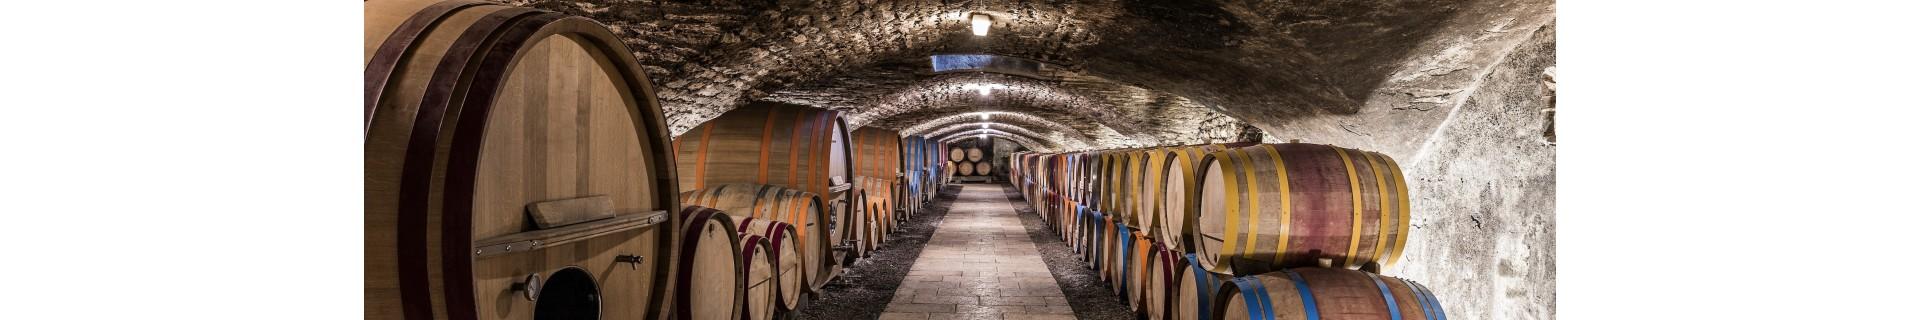 Comprar Vino Tinto y Pacharán | Conservas Hondarribia